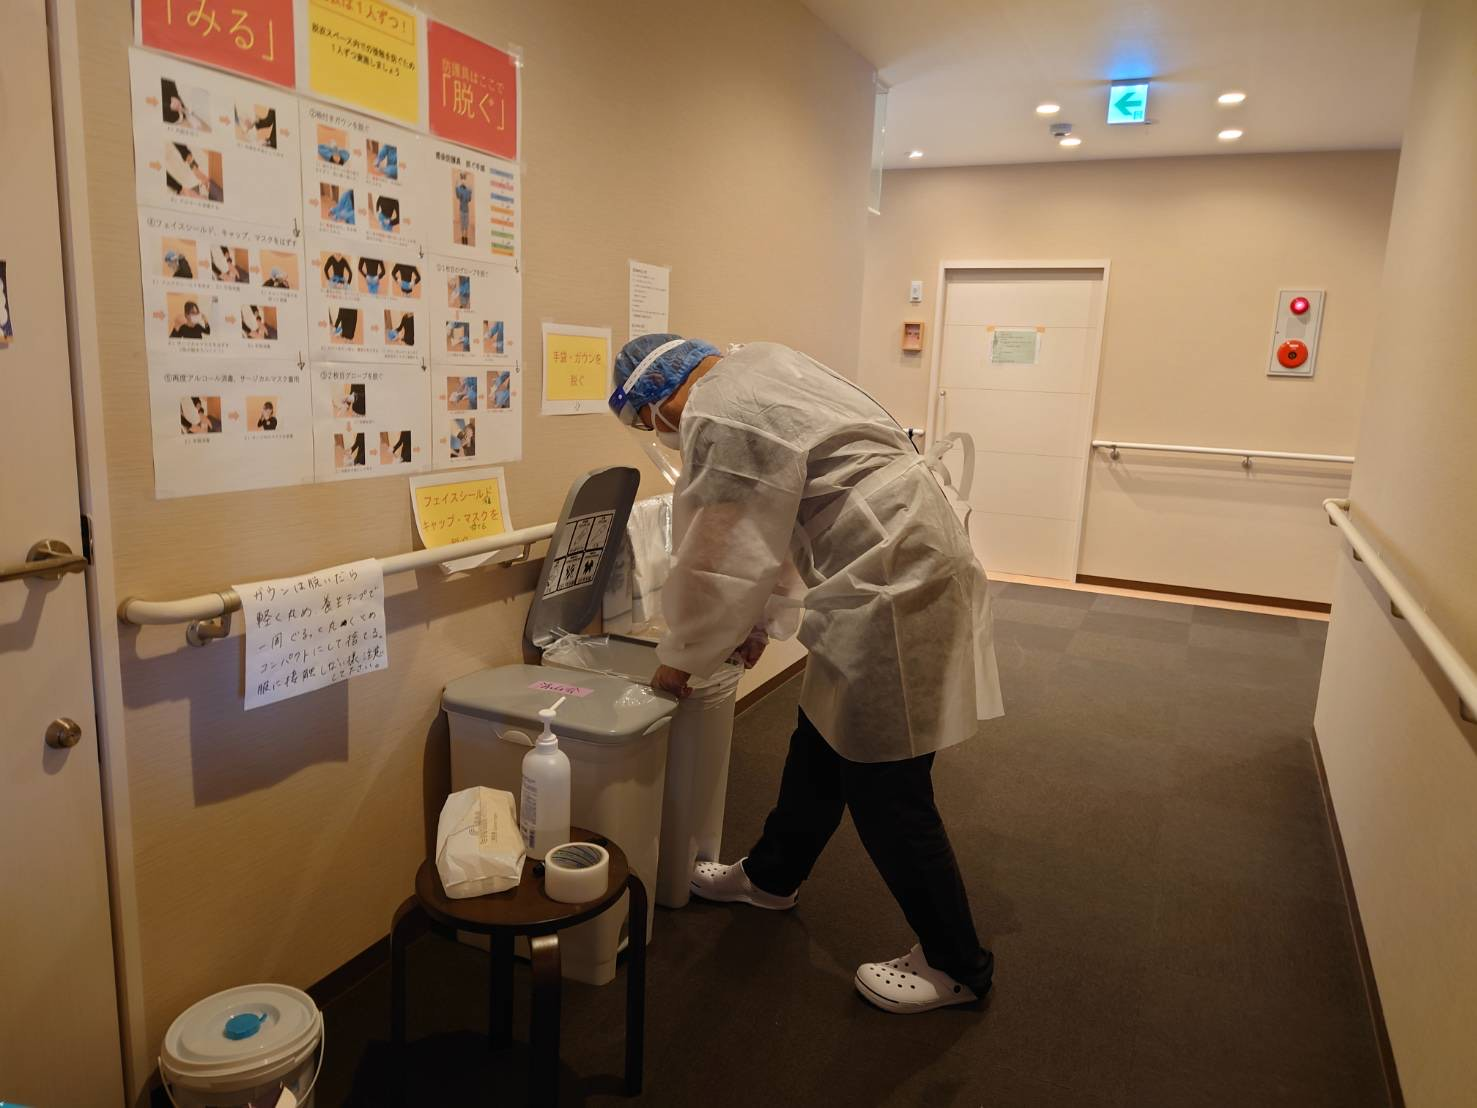 【新型コロナウイルス緊急支援】宮城県の高齢者福祉施設へ看護師を派遣